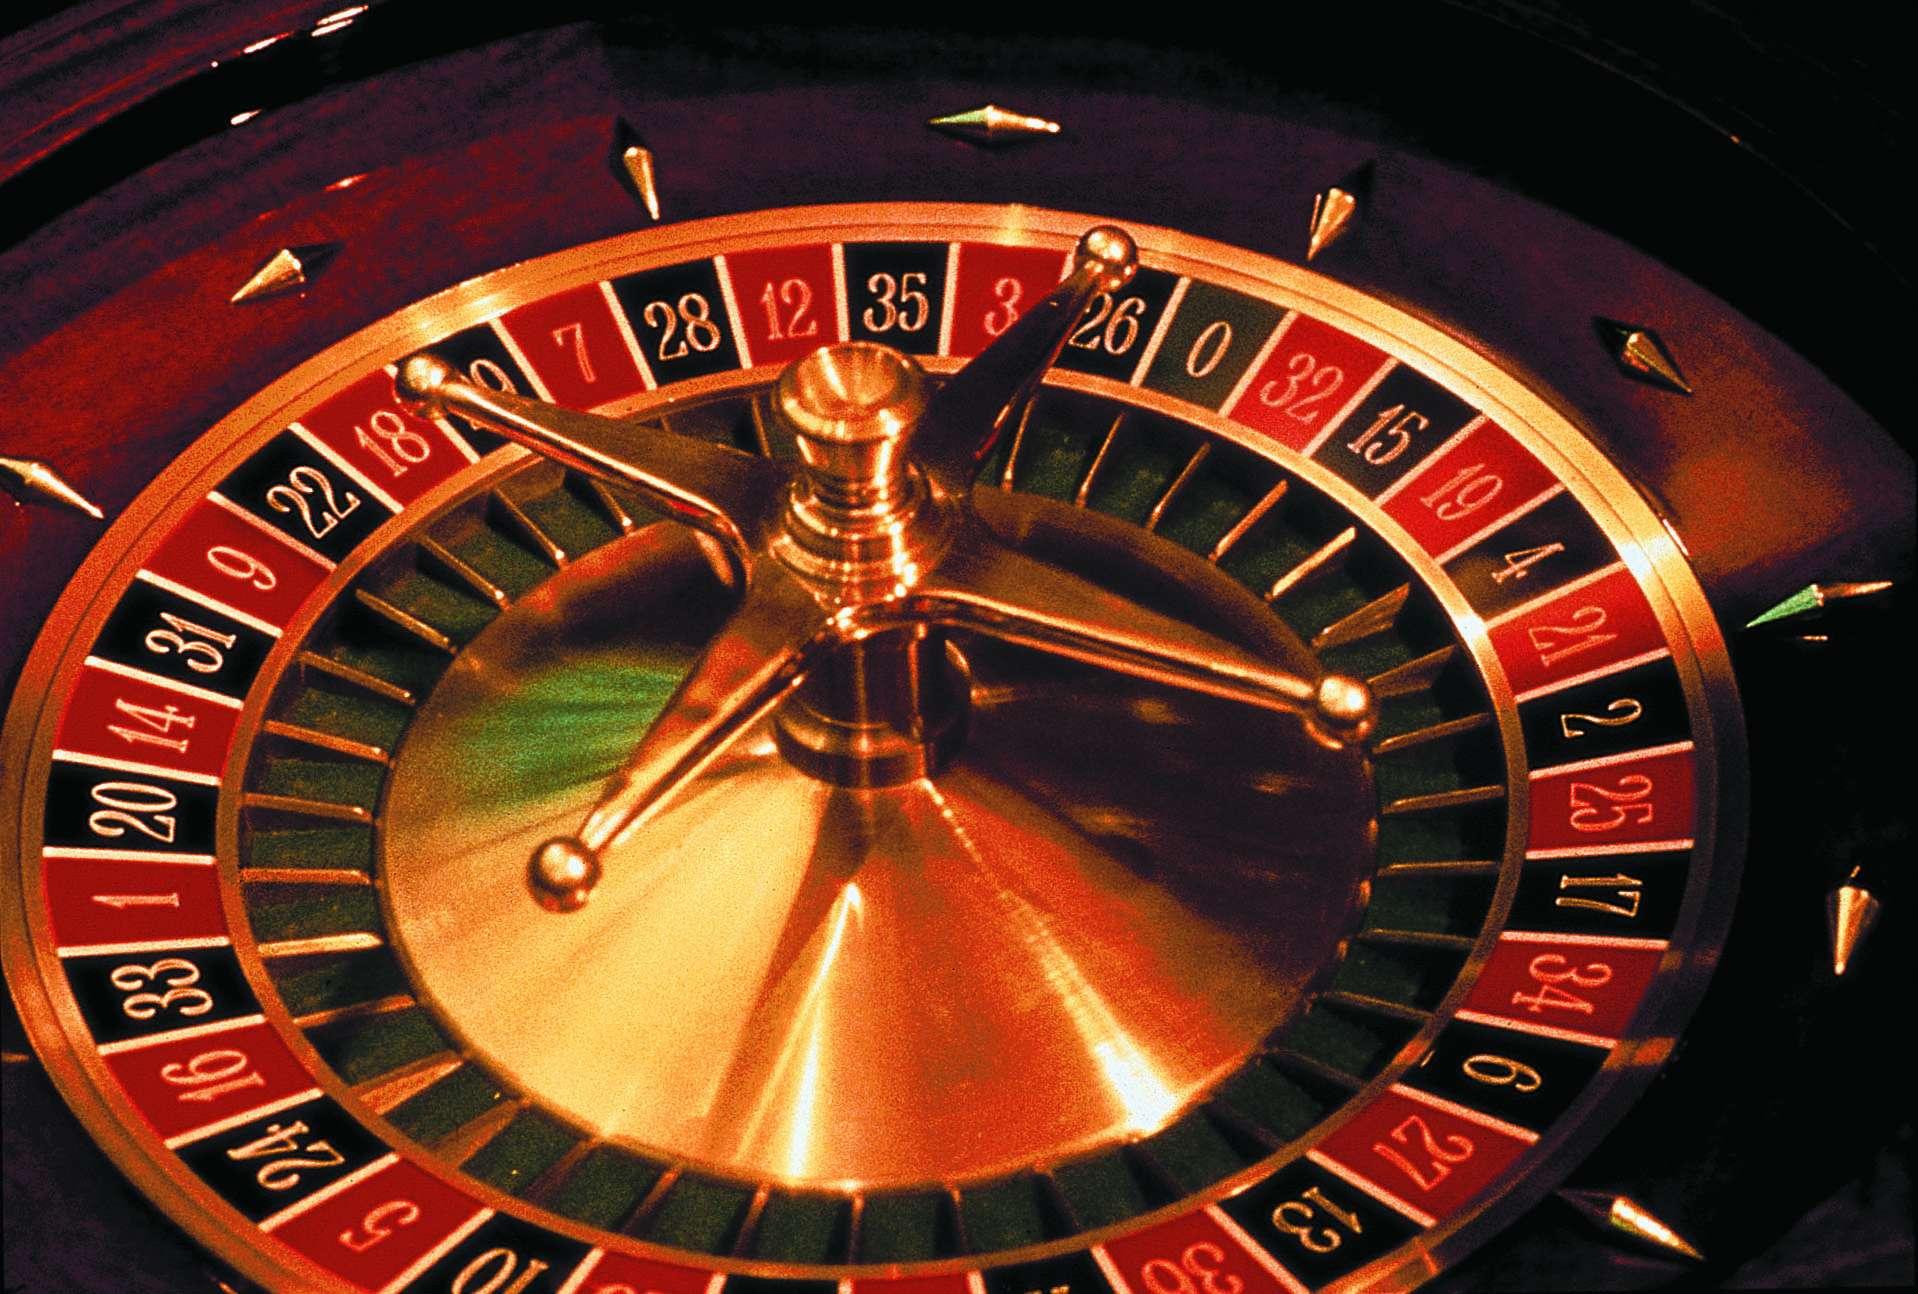 Jeux casino : récupérer son argent en cas de problème